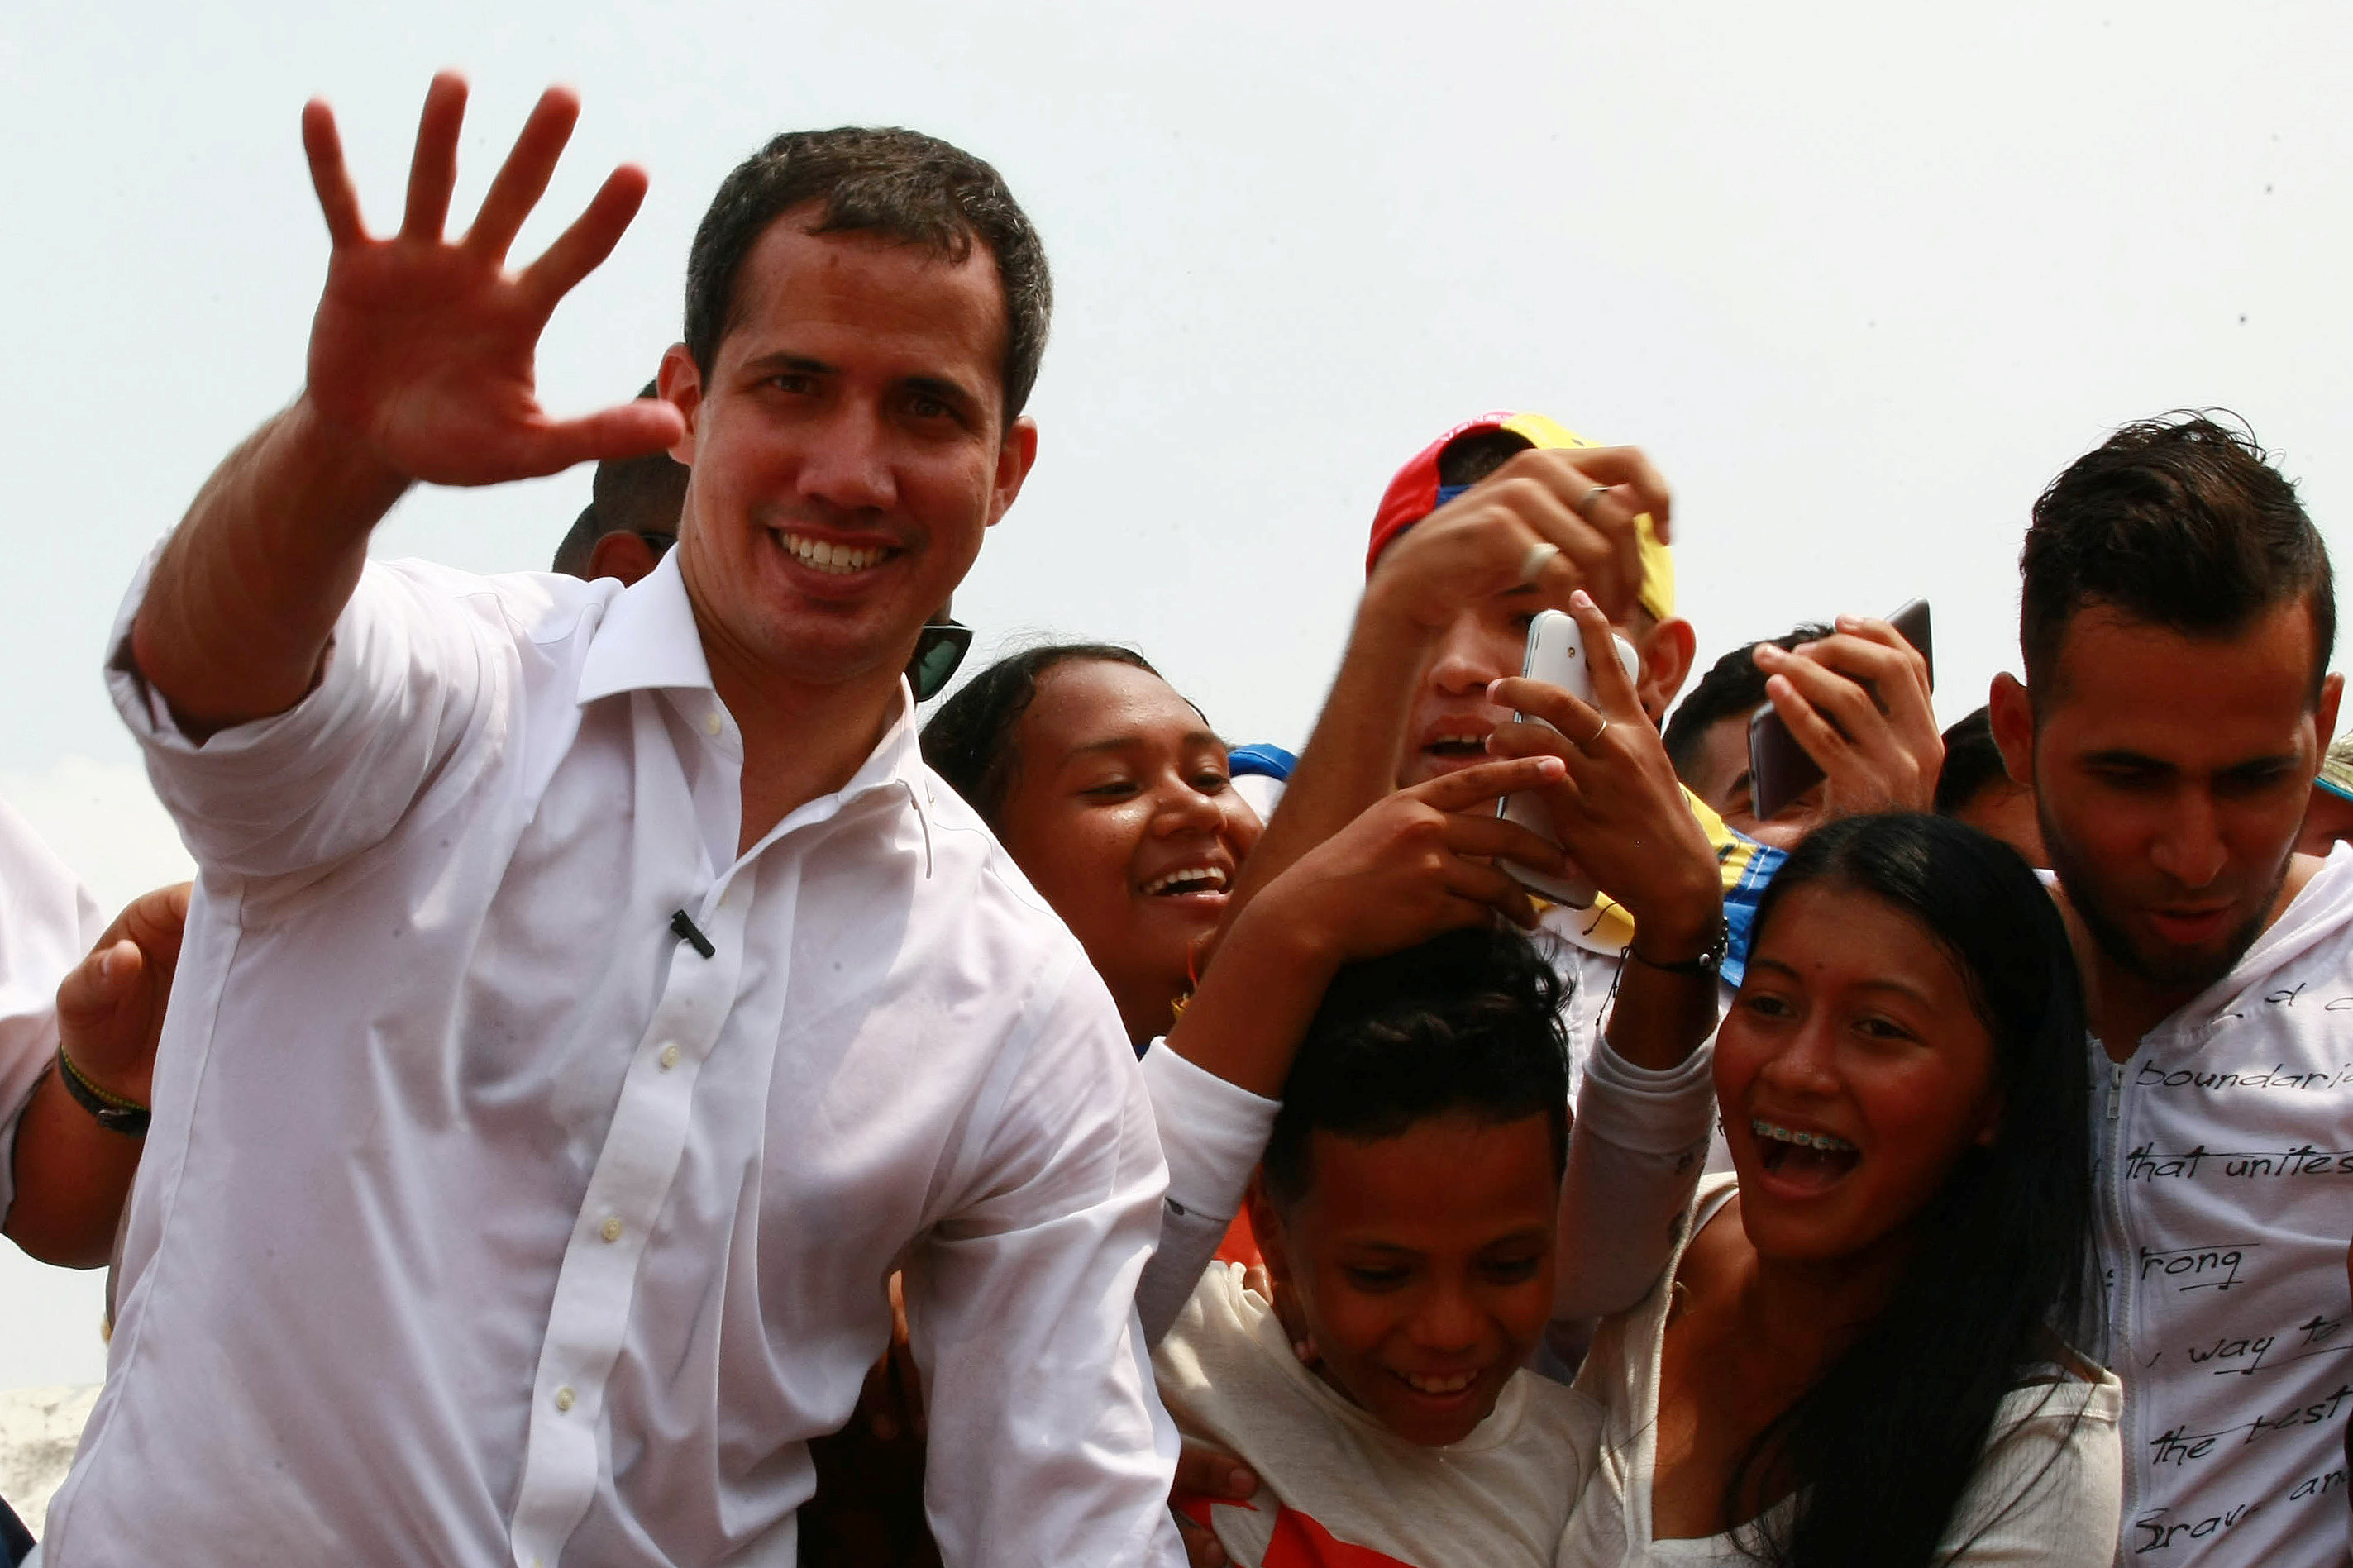 زعيم المعارضة الفنزويلية جوايدو يشارك في مظاهرة خلال زيارته لماراكايبو 19